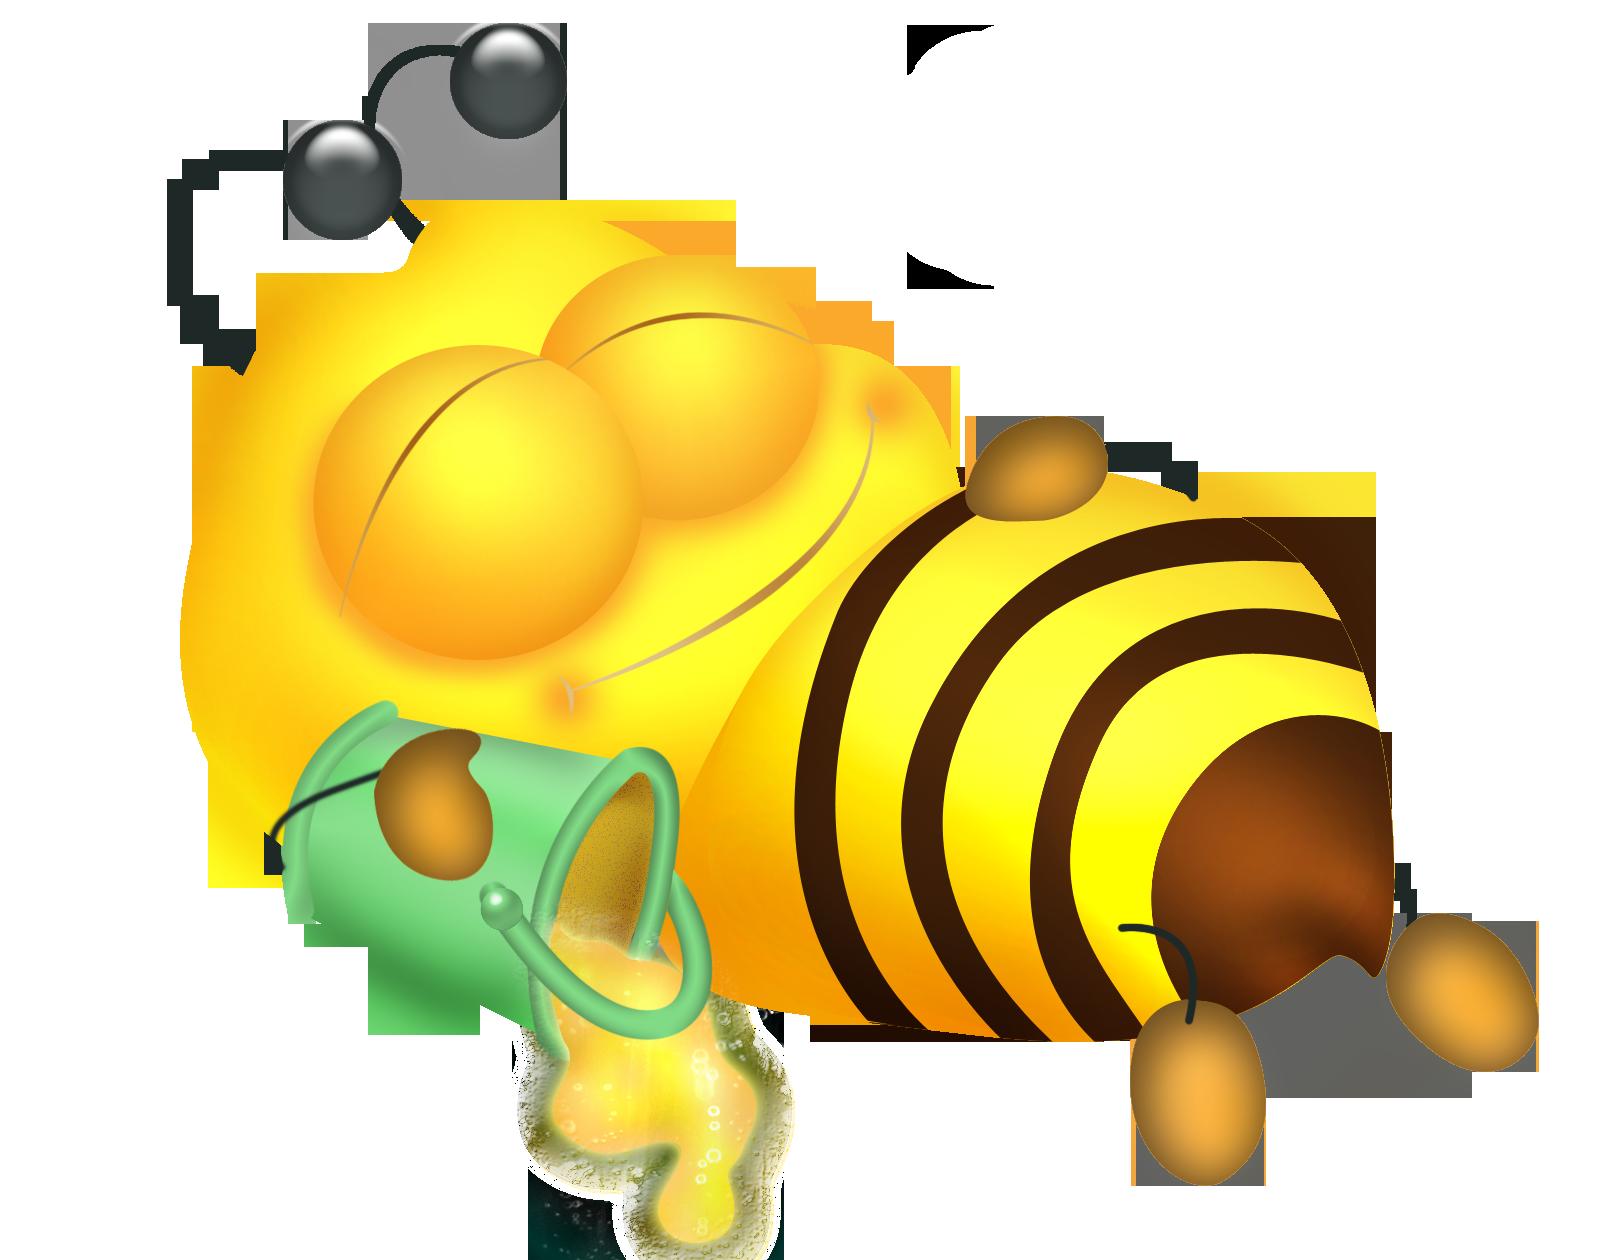 Дьявольскими возлюбленными, рисунки смешные пчел